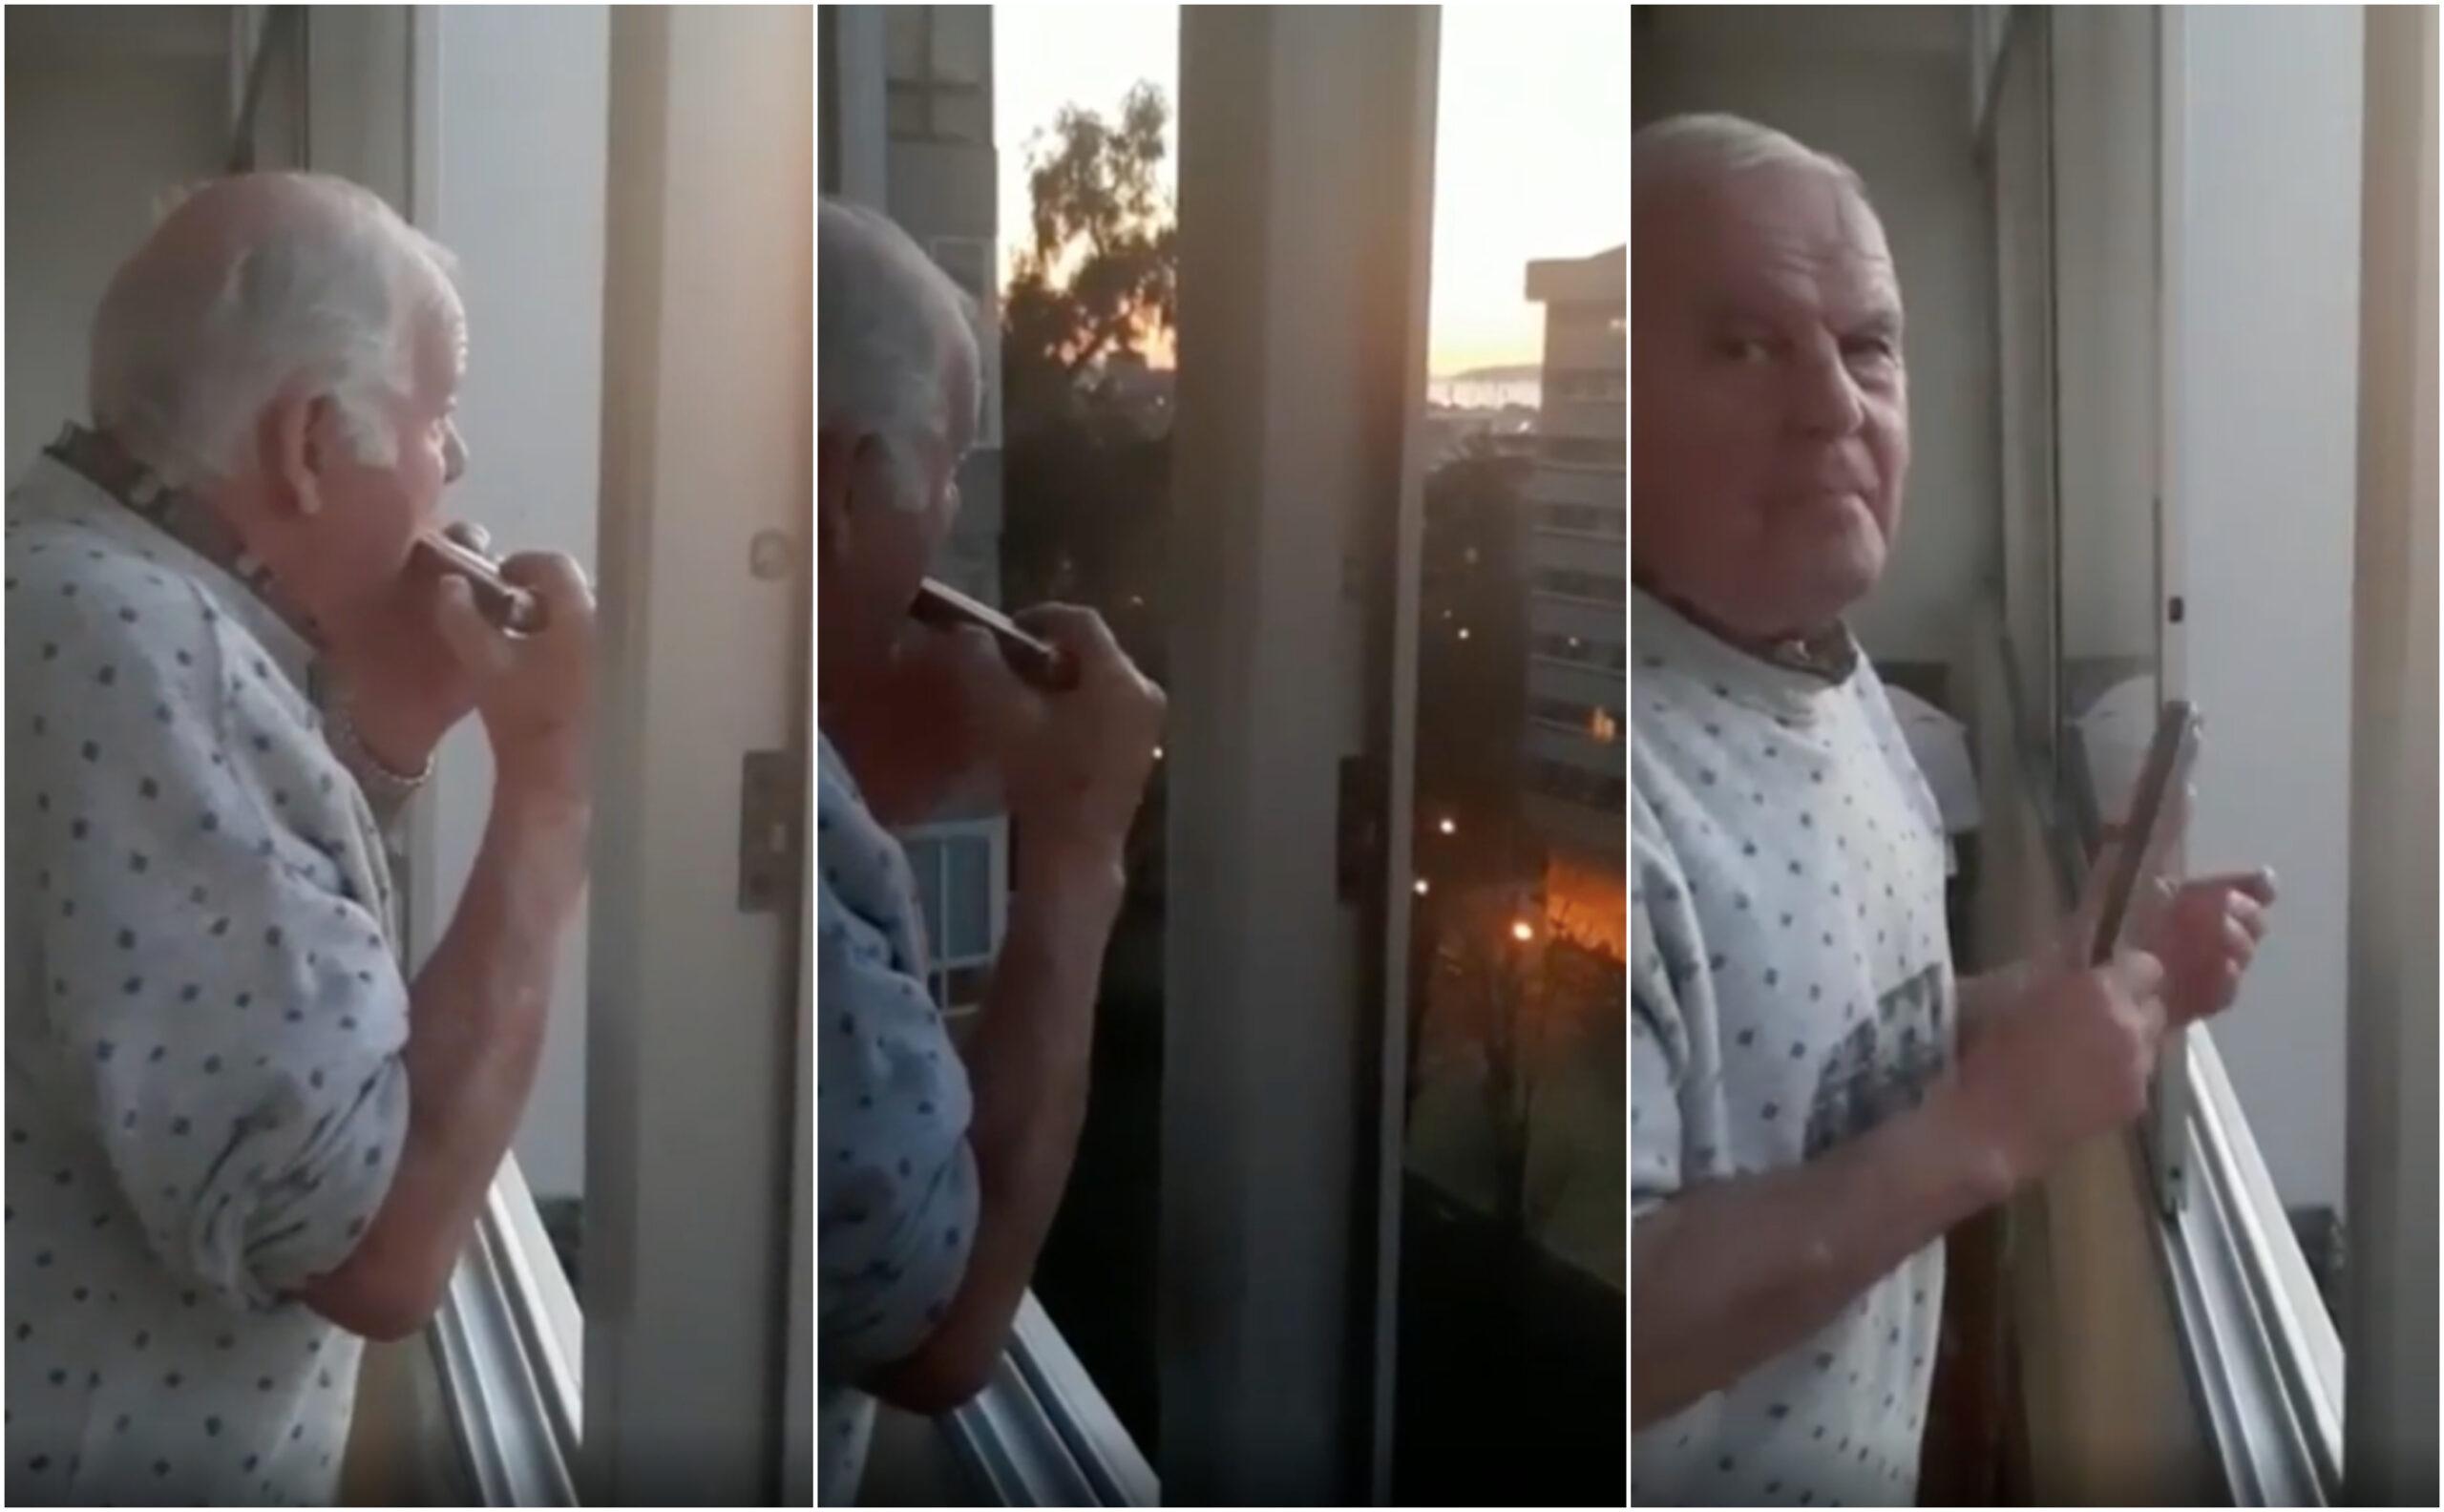 La tierna historia del anciano con Alzheimer que creía que los aplausos en cuarentena eran para él